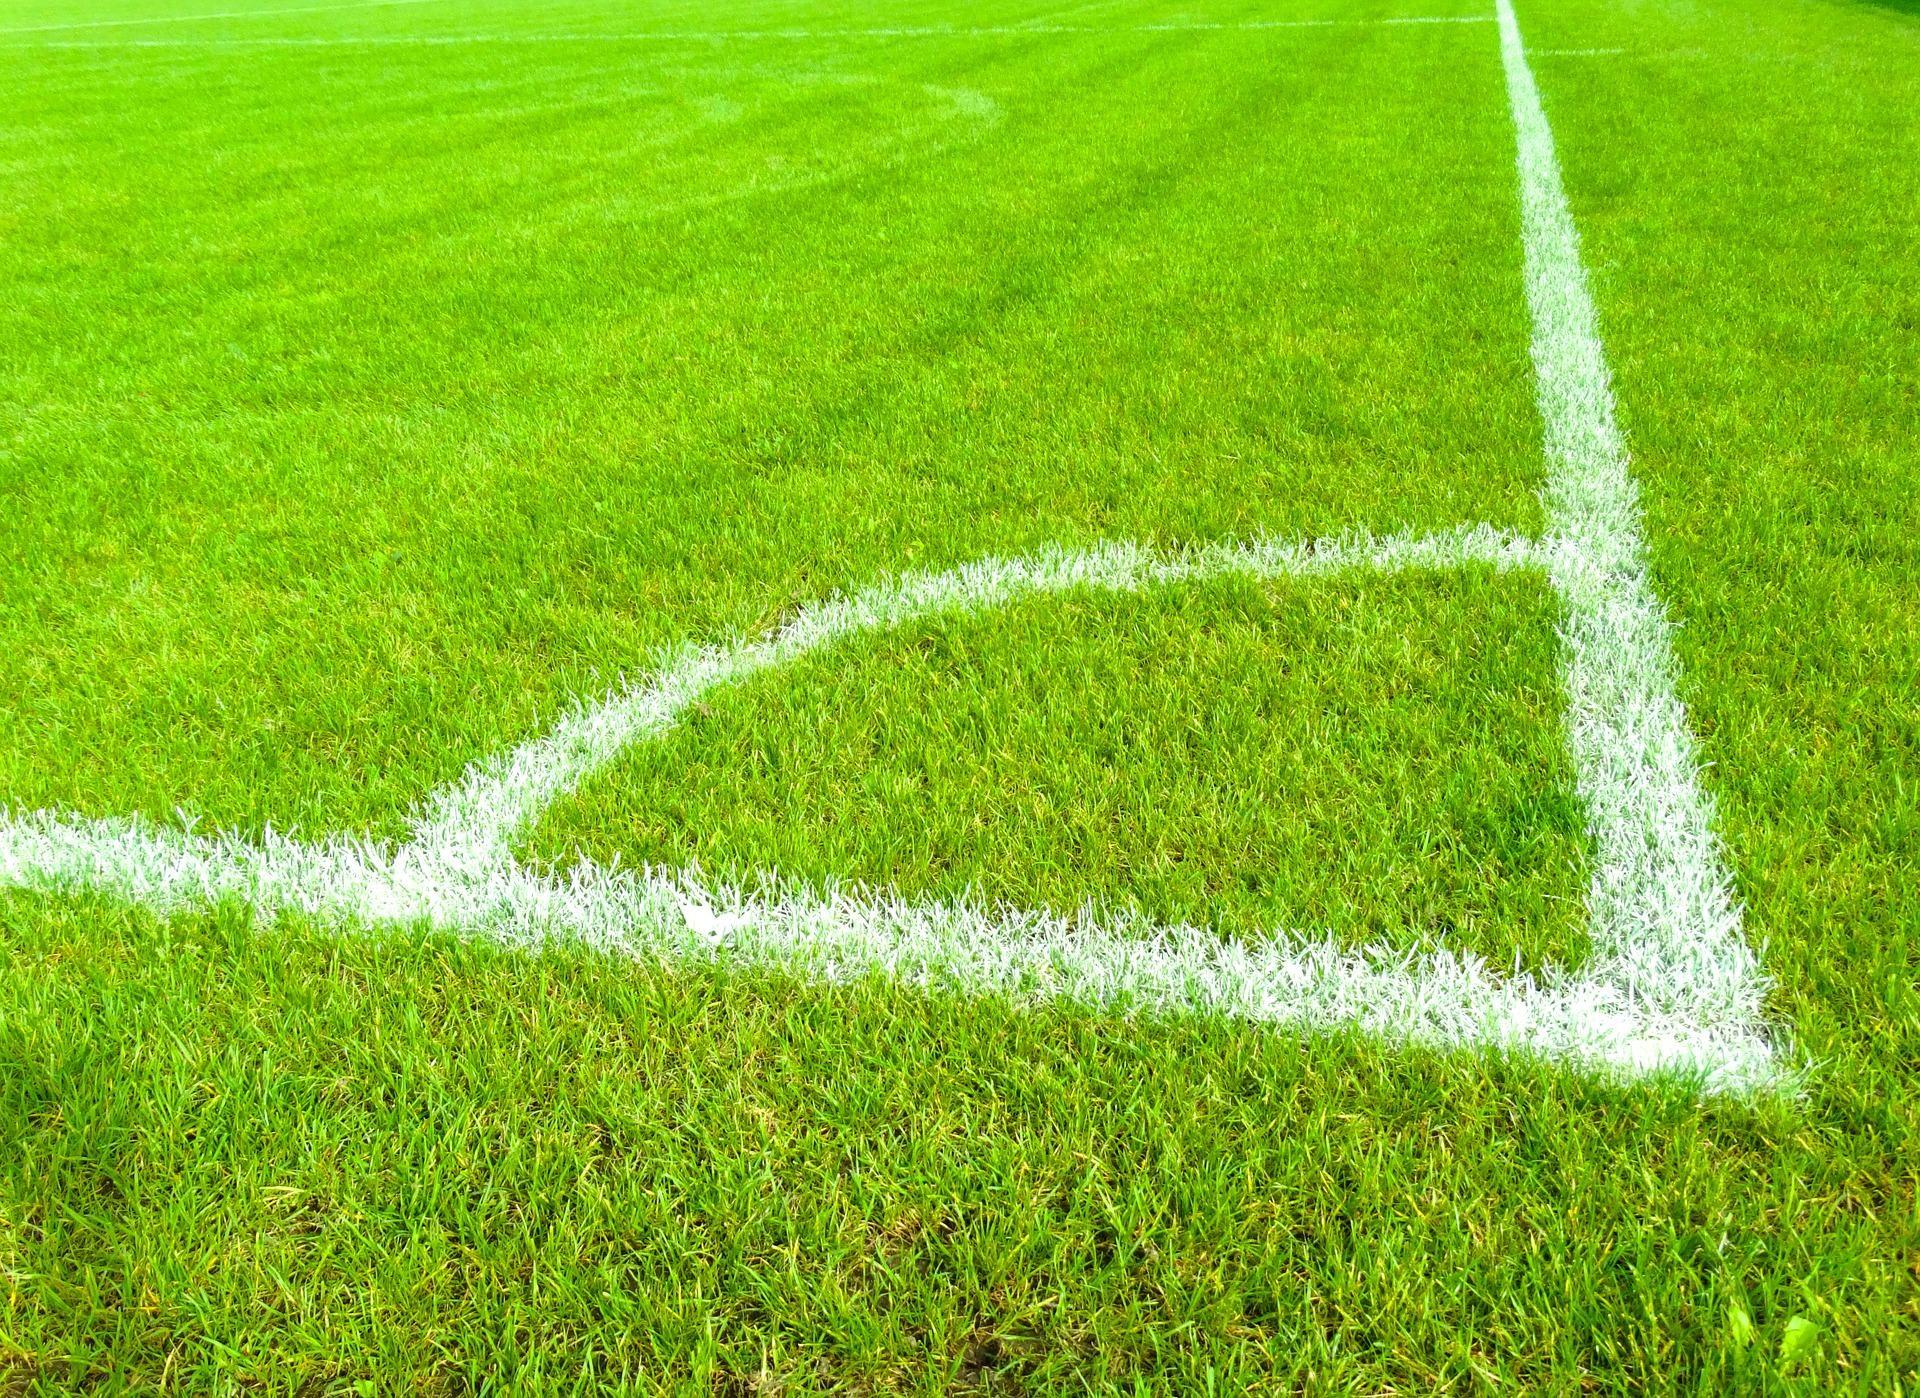 Rund um den Fußball – słownictwo związane z piłką nożną, część 3